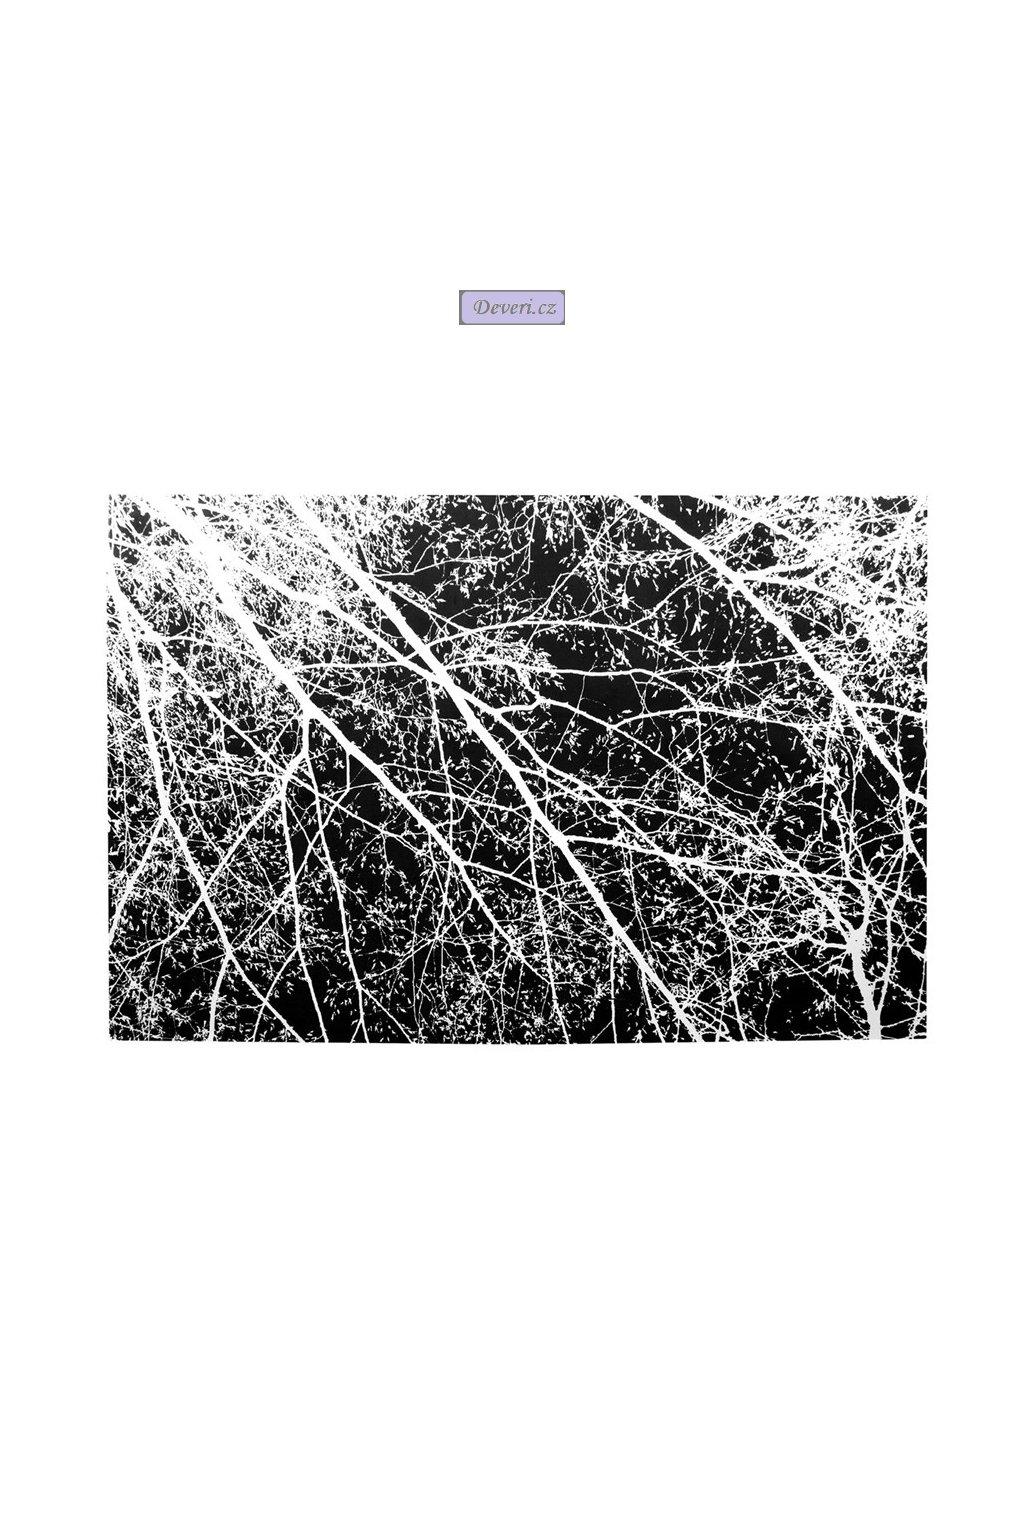 koberec 4D white black trees